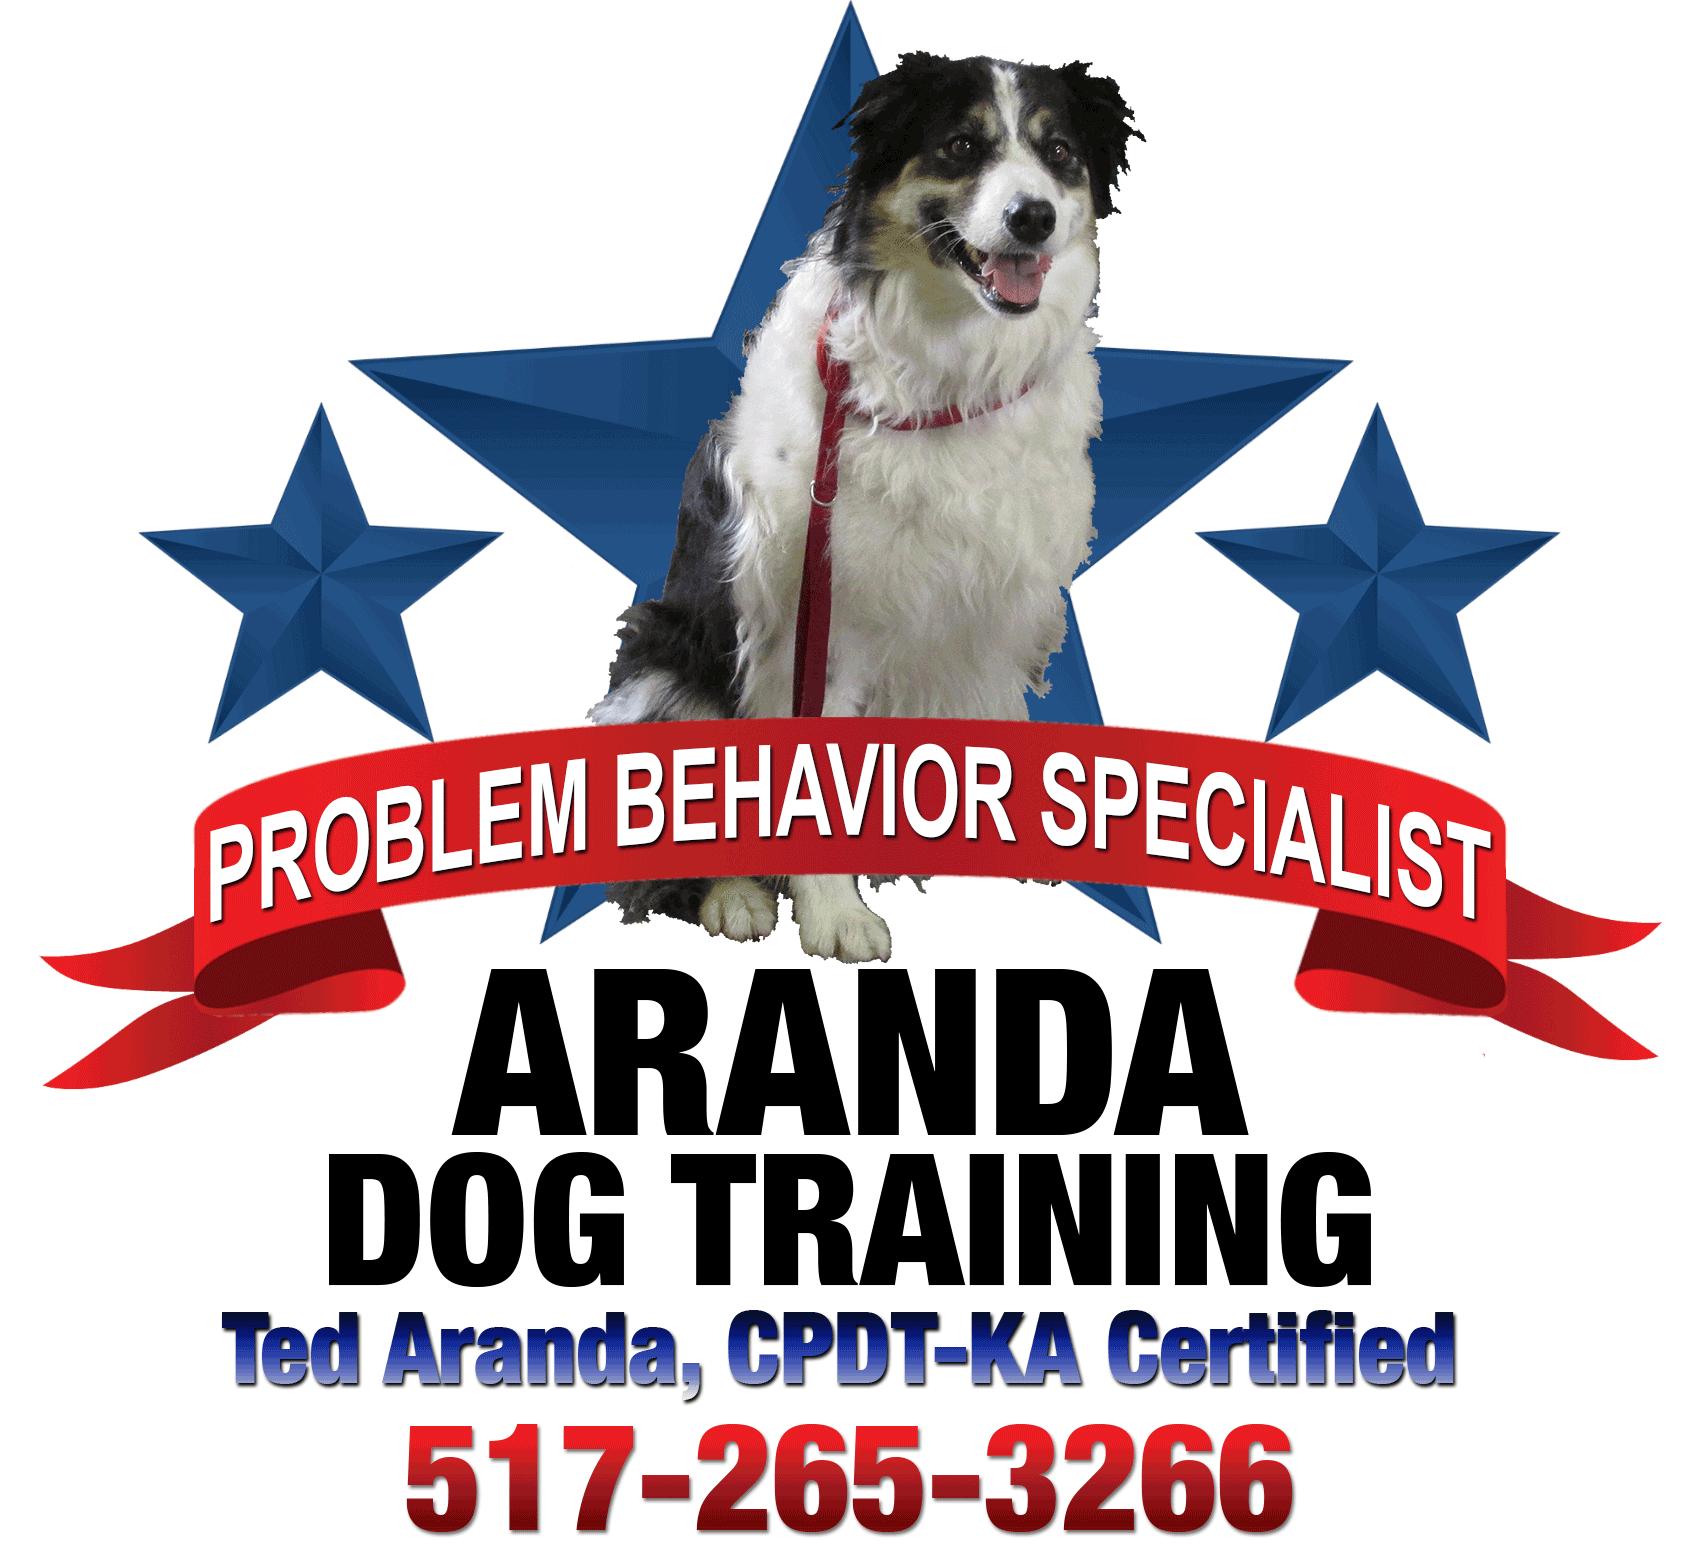 ARANDA DOG TRAINING ADRIAN MI, ARANDA DOG TRAINING ANN ...